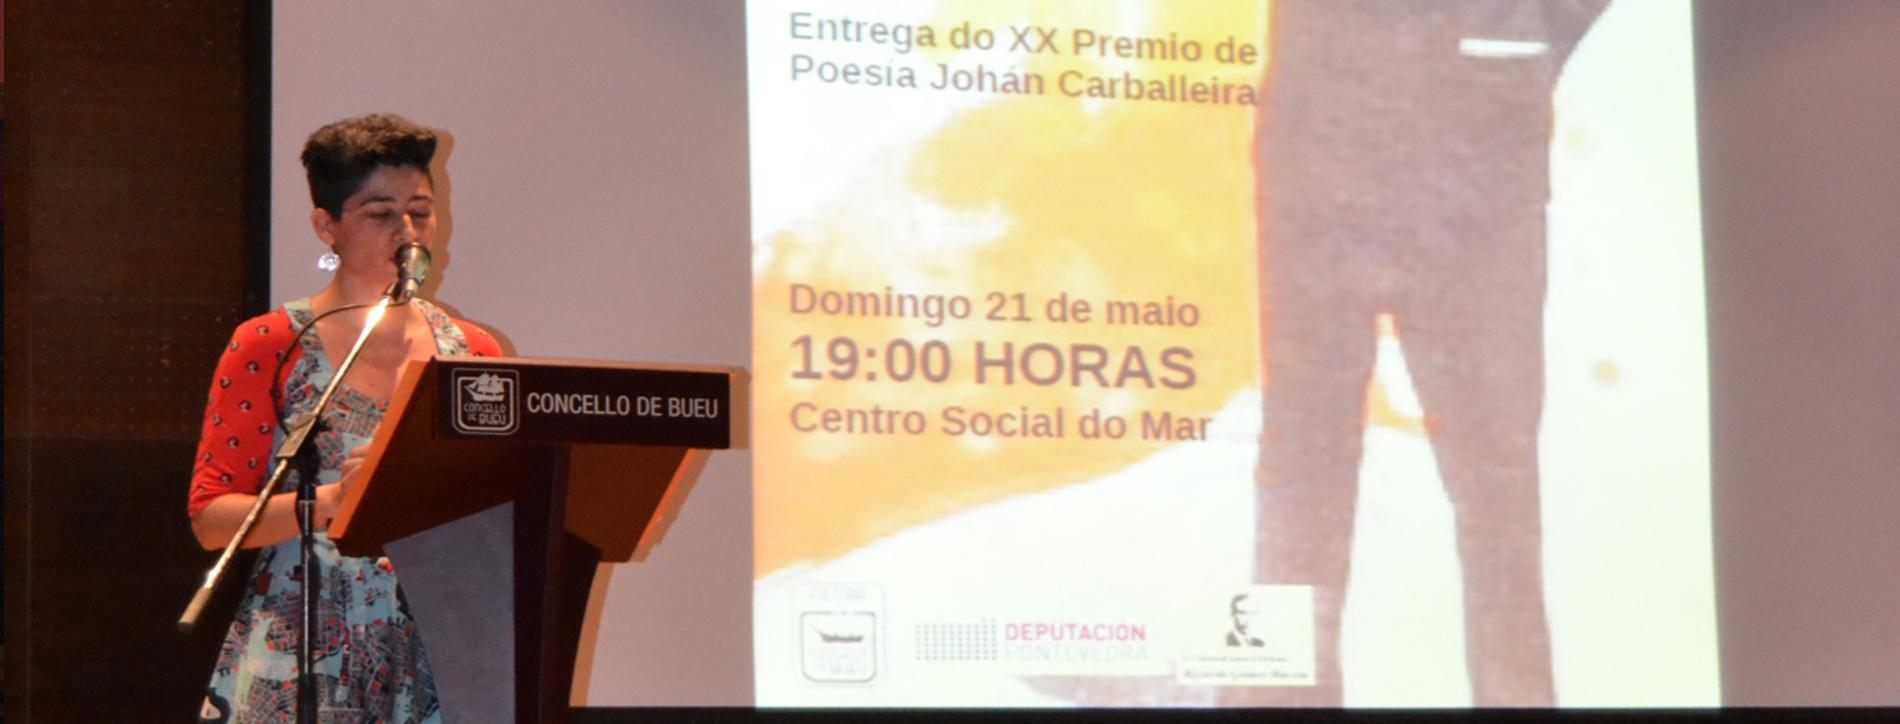 MARÍA REIMÓNDEZ, PREMIO DE POESÍA JOHÁN CARBALLEIRA